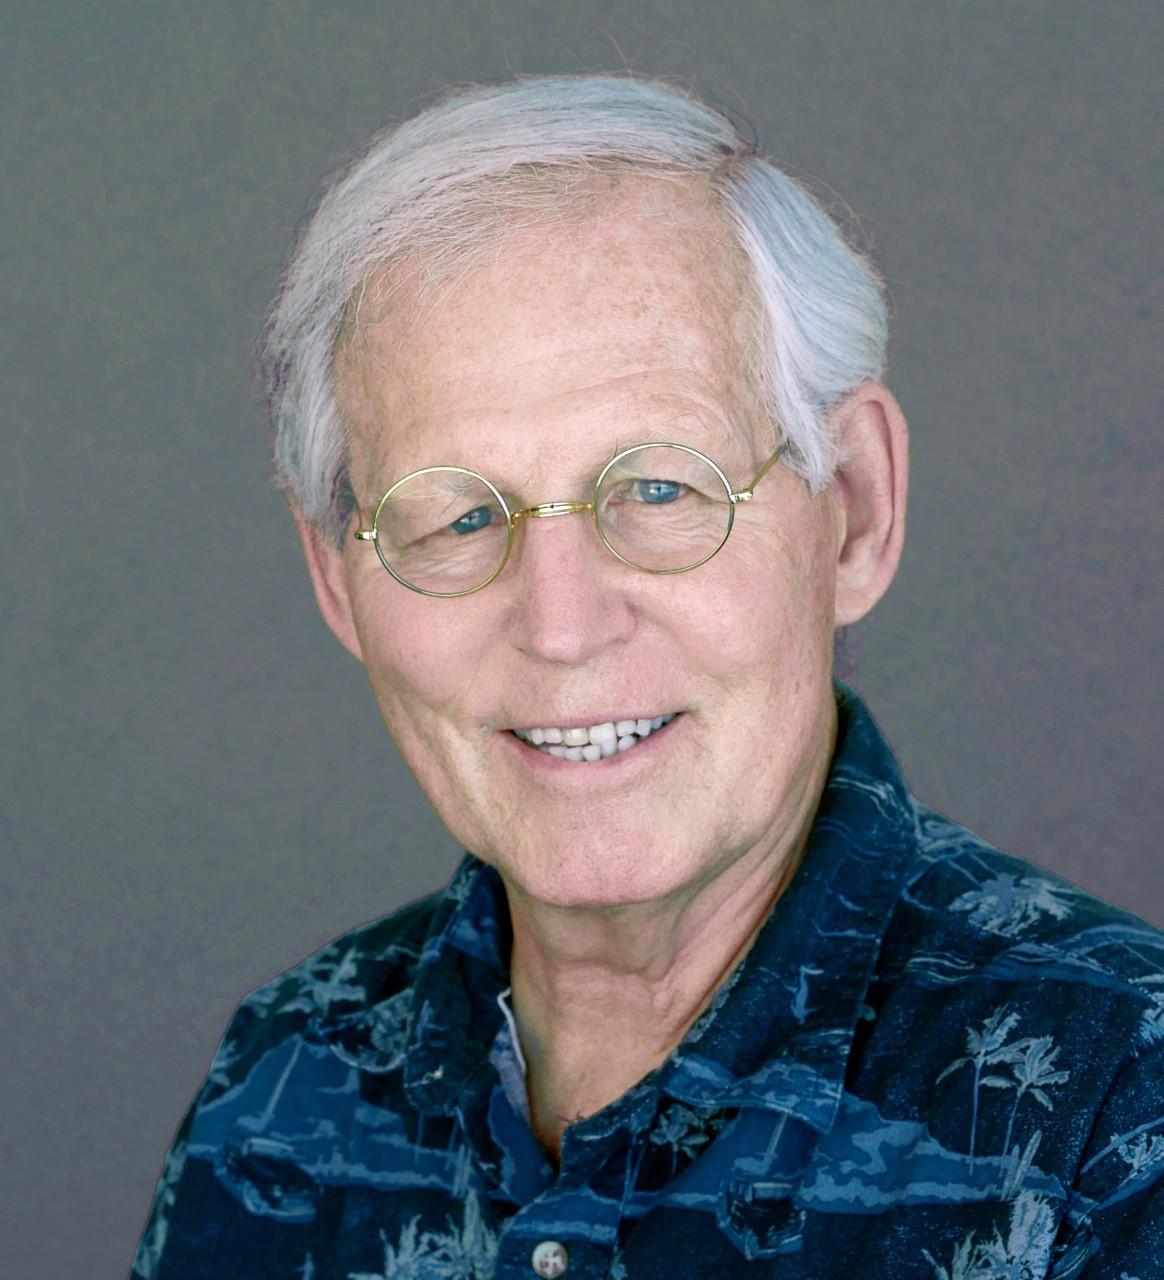 Mitch Bogdanowicz